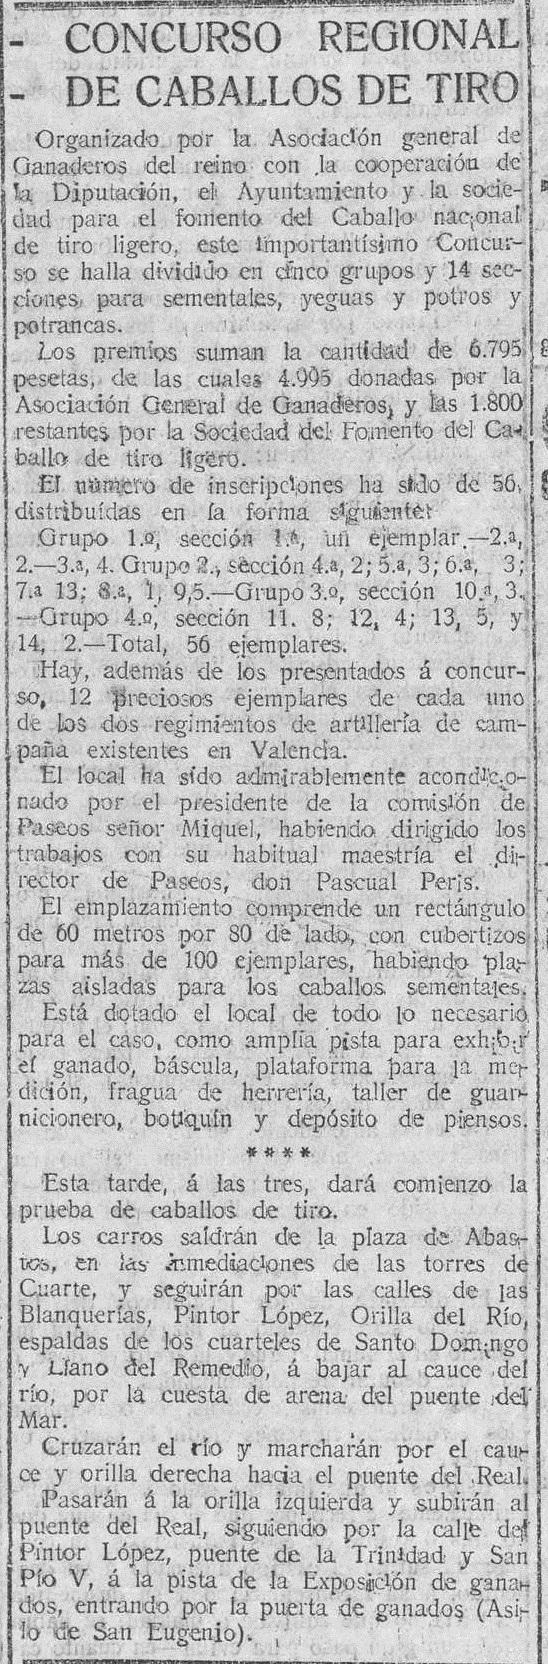 El Pueblo : diario republicano de Valencia - Año XXIII Número 8972 - 1916 octubre 28 (28/10/1916)'